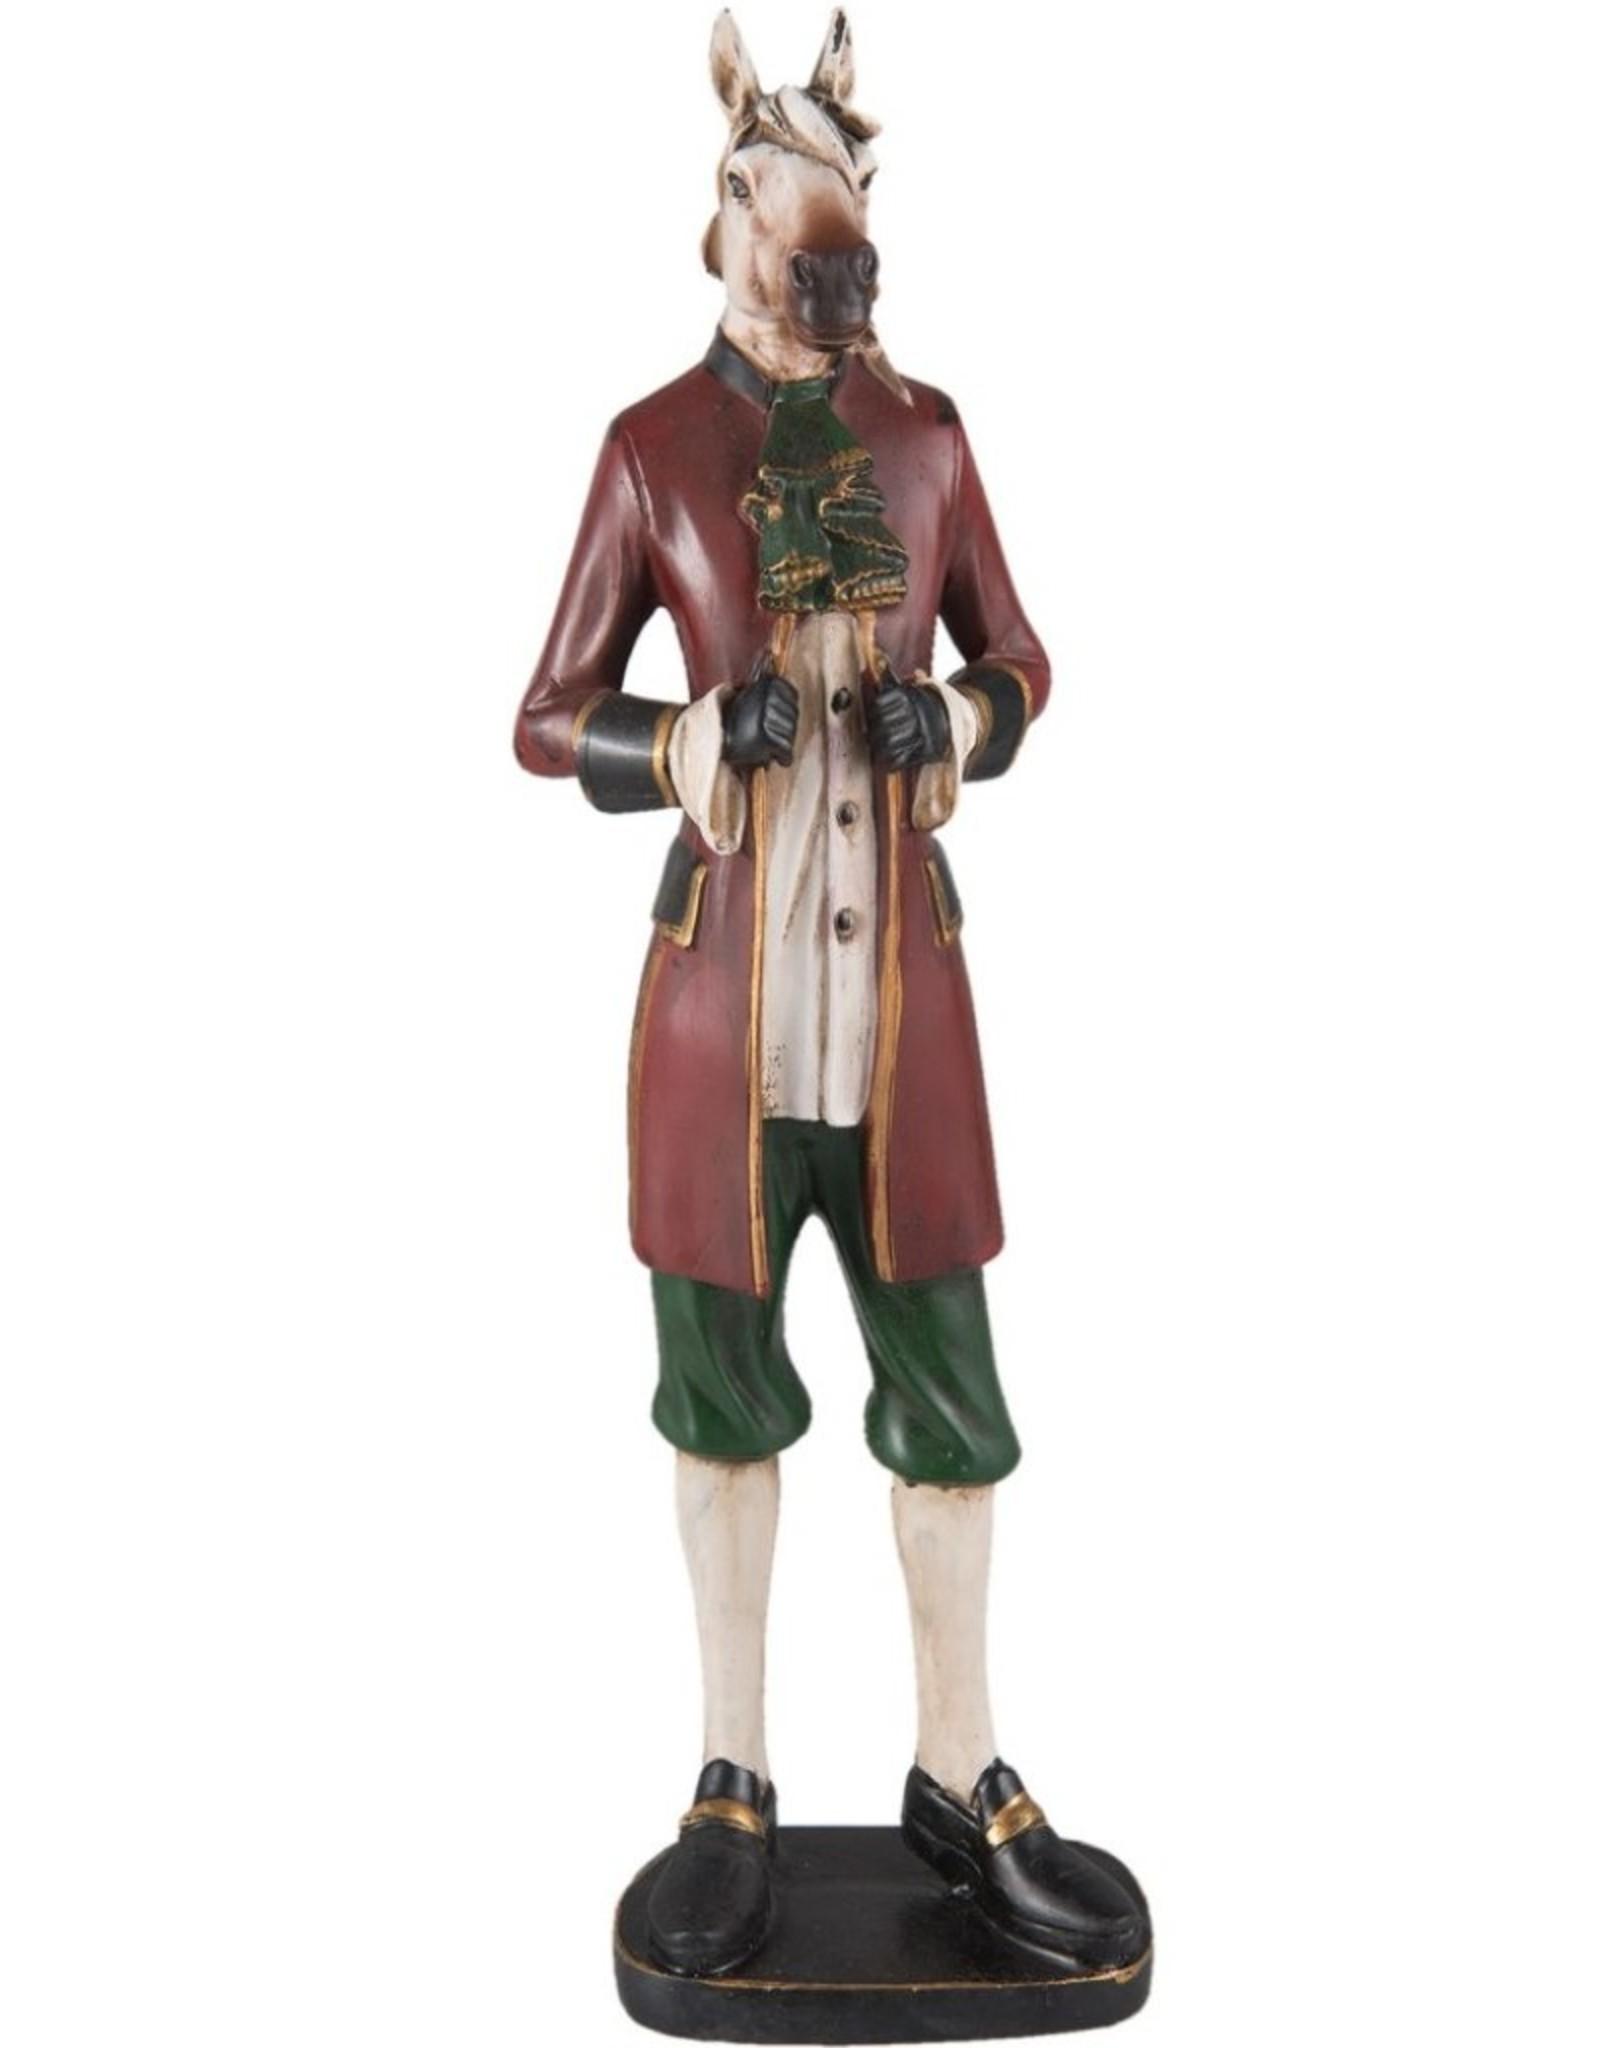 Paard Aristocraat beeld Giftware Beelden Collectables - Paard Aristocraat beeld 41cm